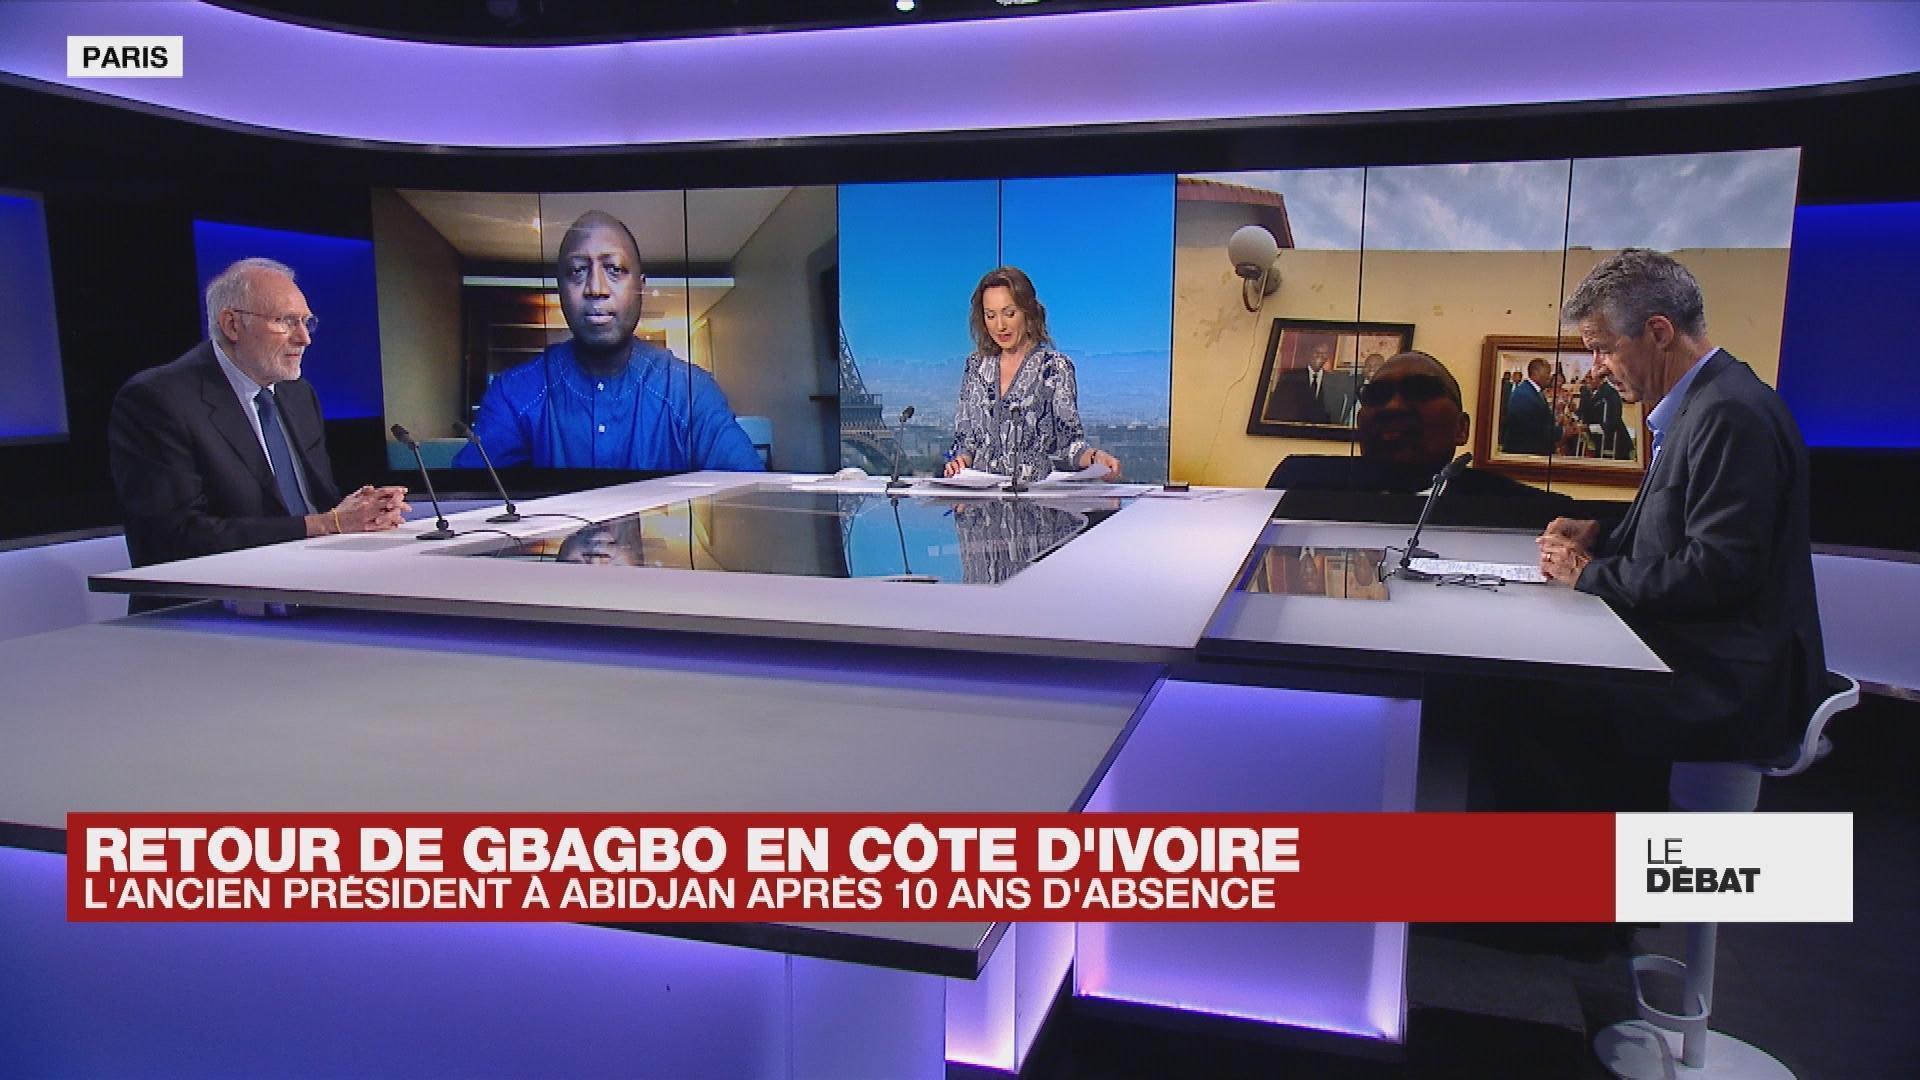 Côte d'Ivoire : le retour de Laurent Gbagbo